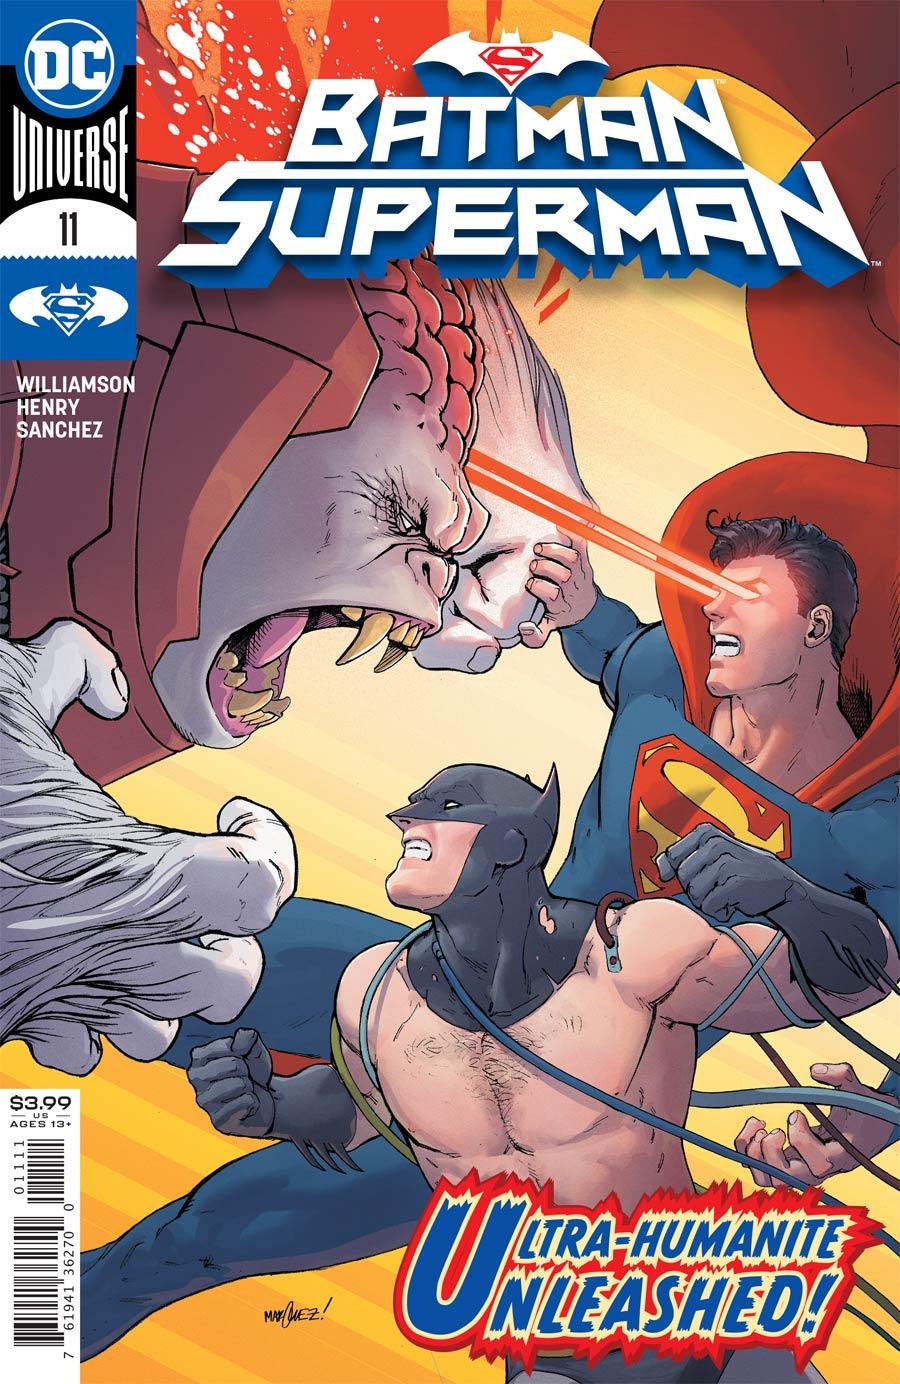 Batman Superman Vol 2 #11 Cover A Regular David Marquez Cover